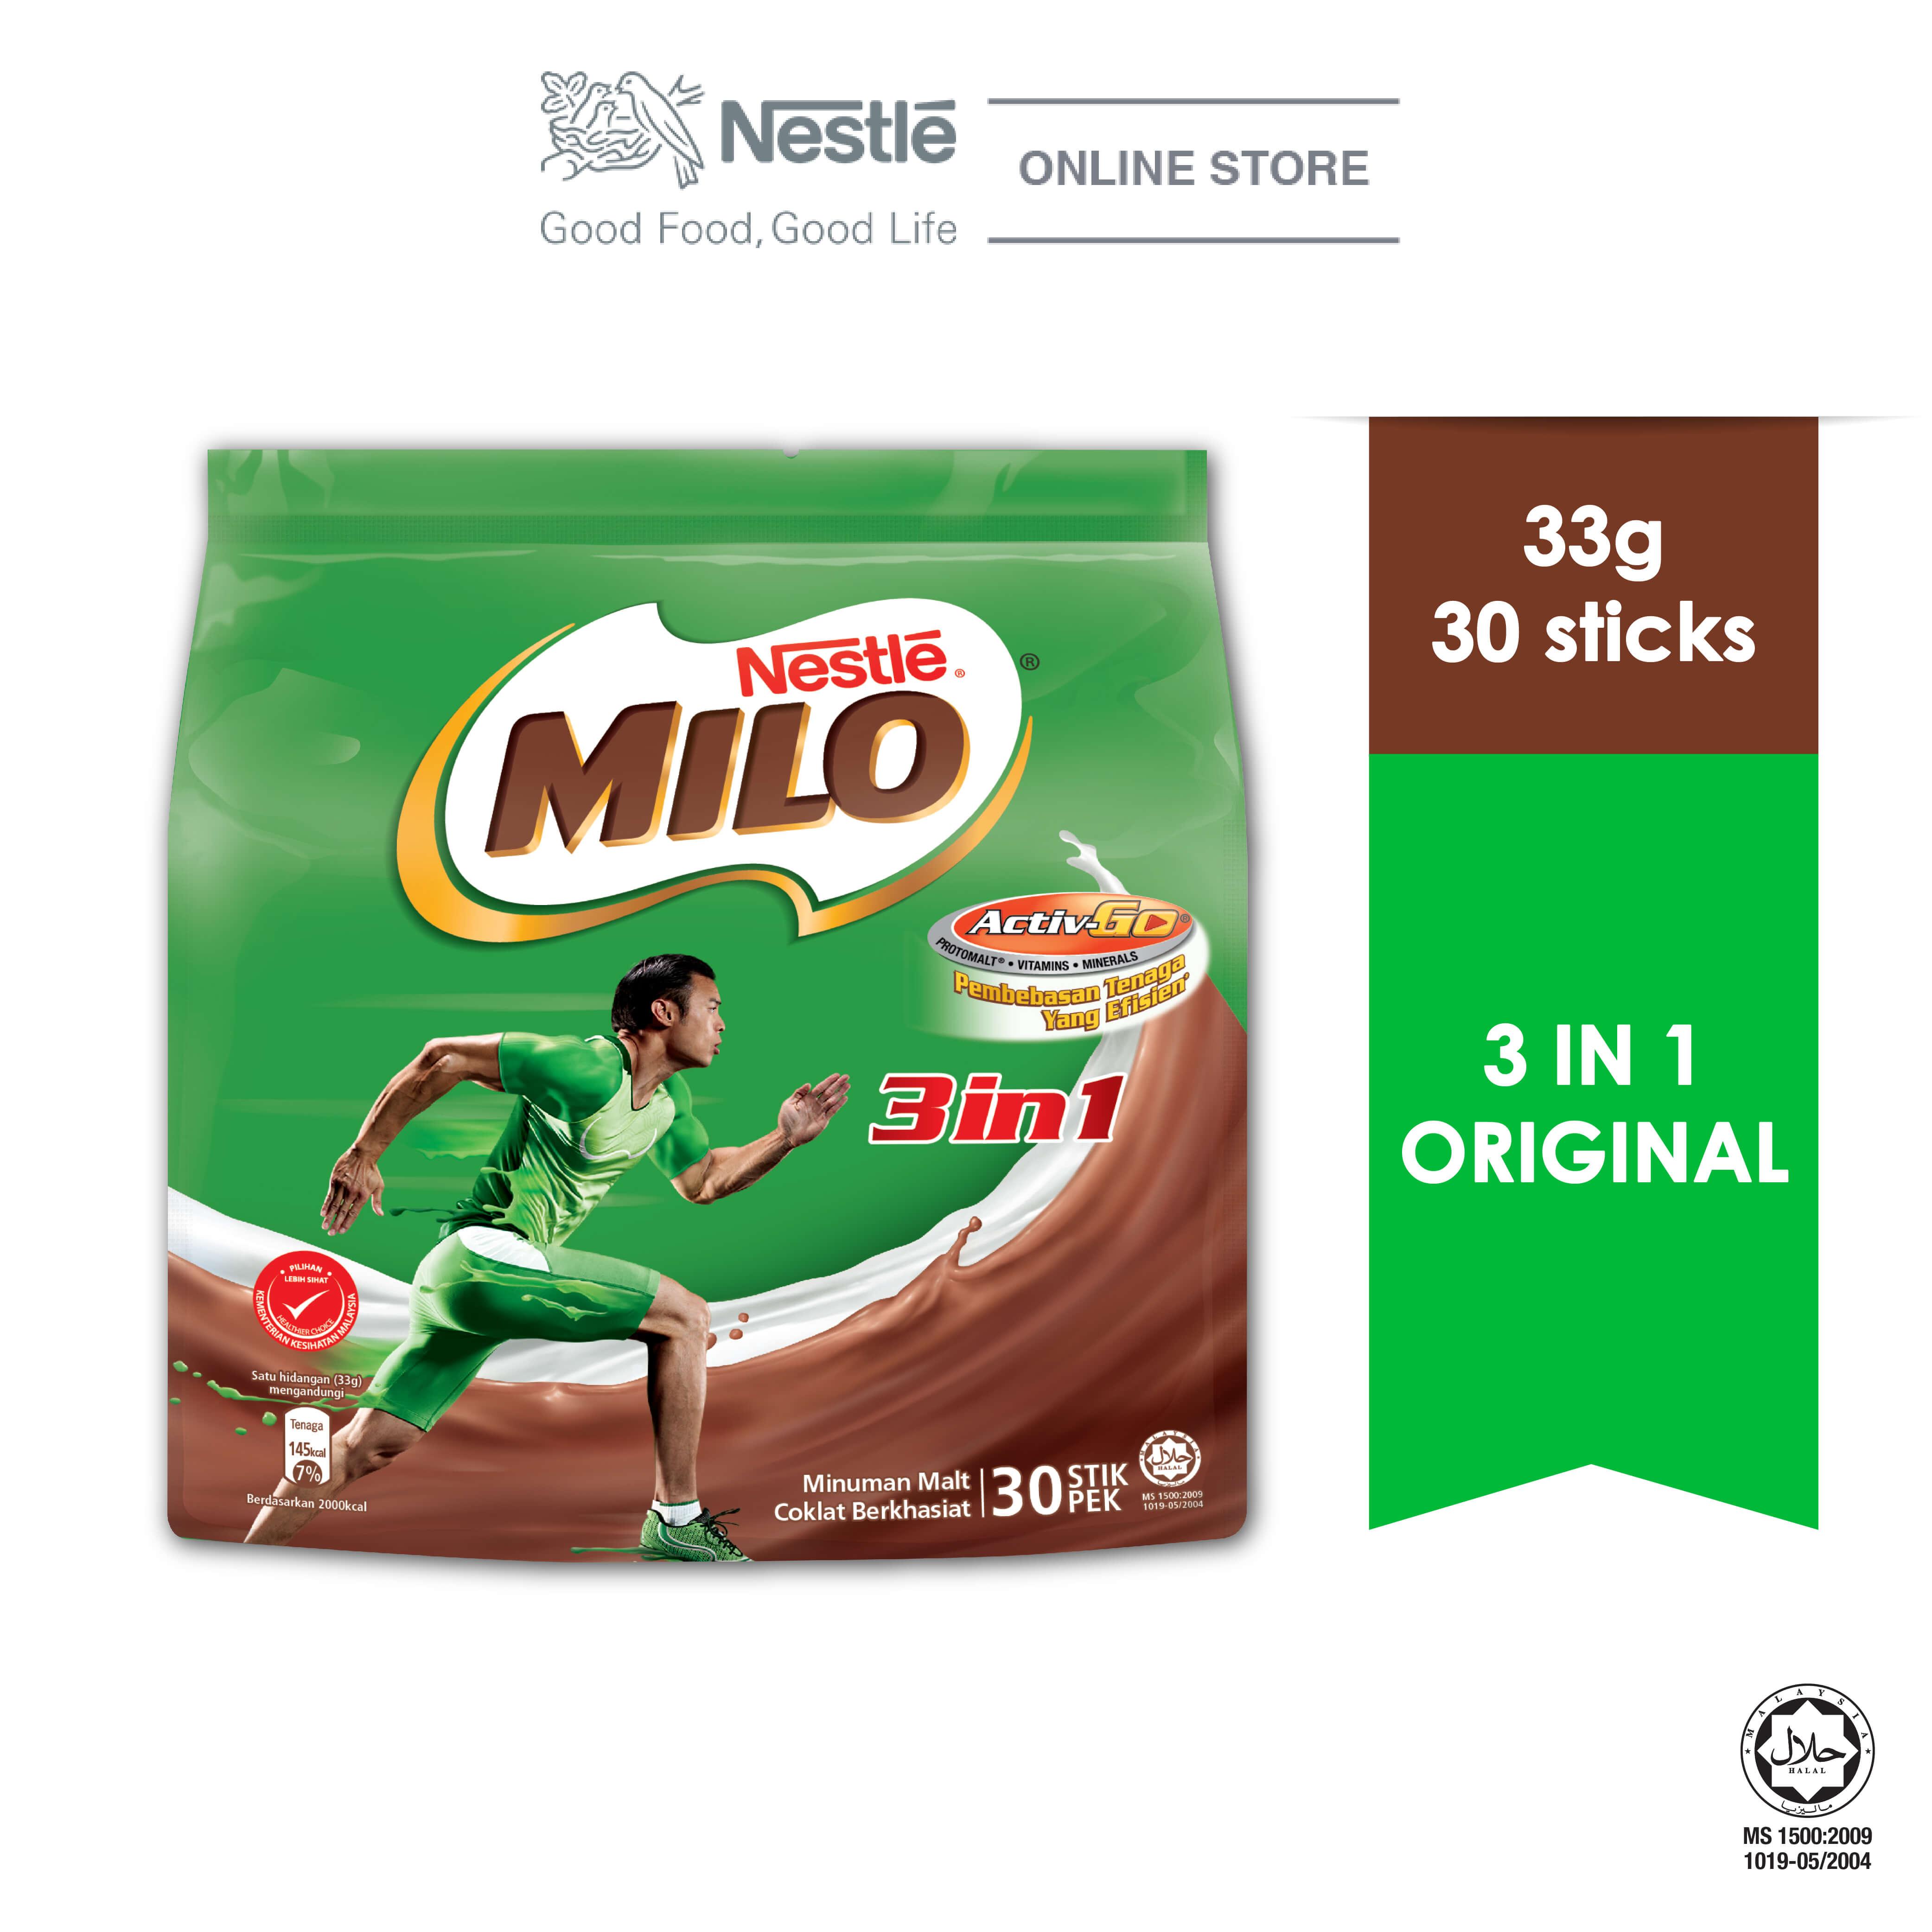 NESTLE MILO 3IN1 ACTIV-GO CHOCOLATE MALT POWDER 30 Sticks 33g